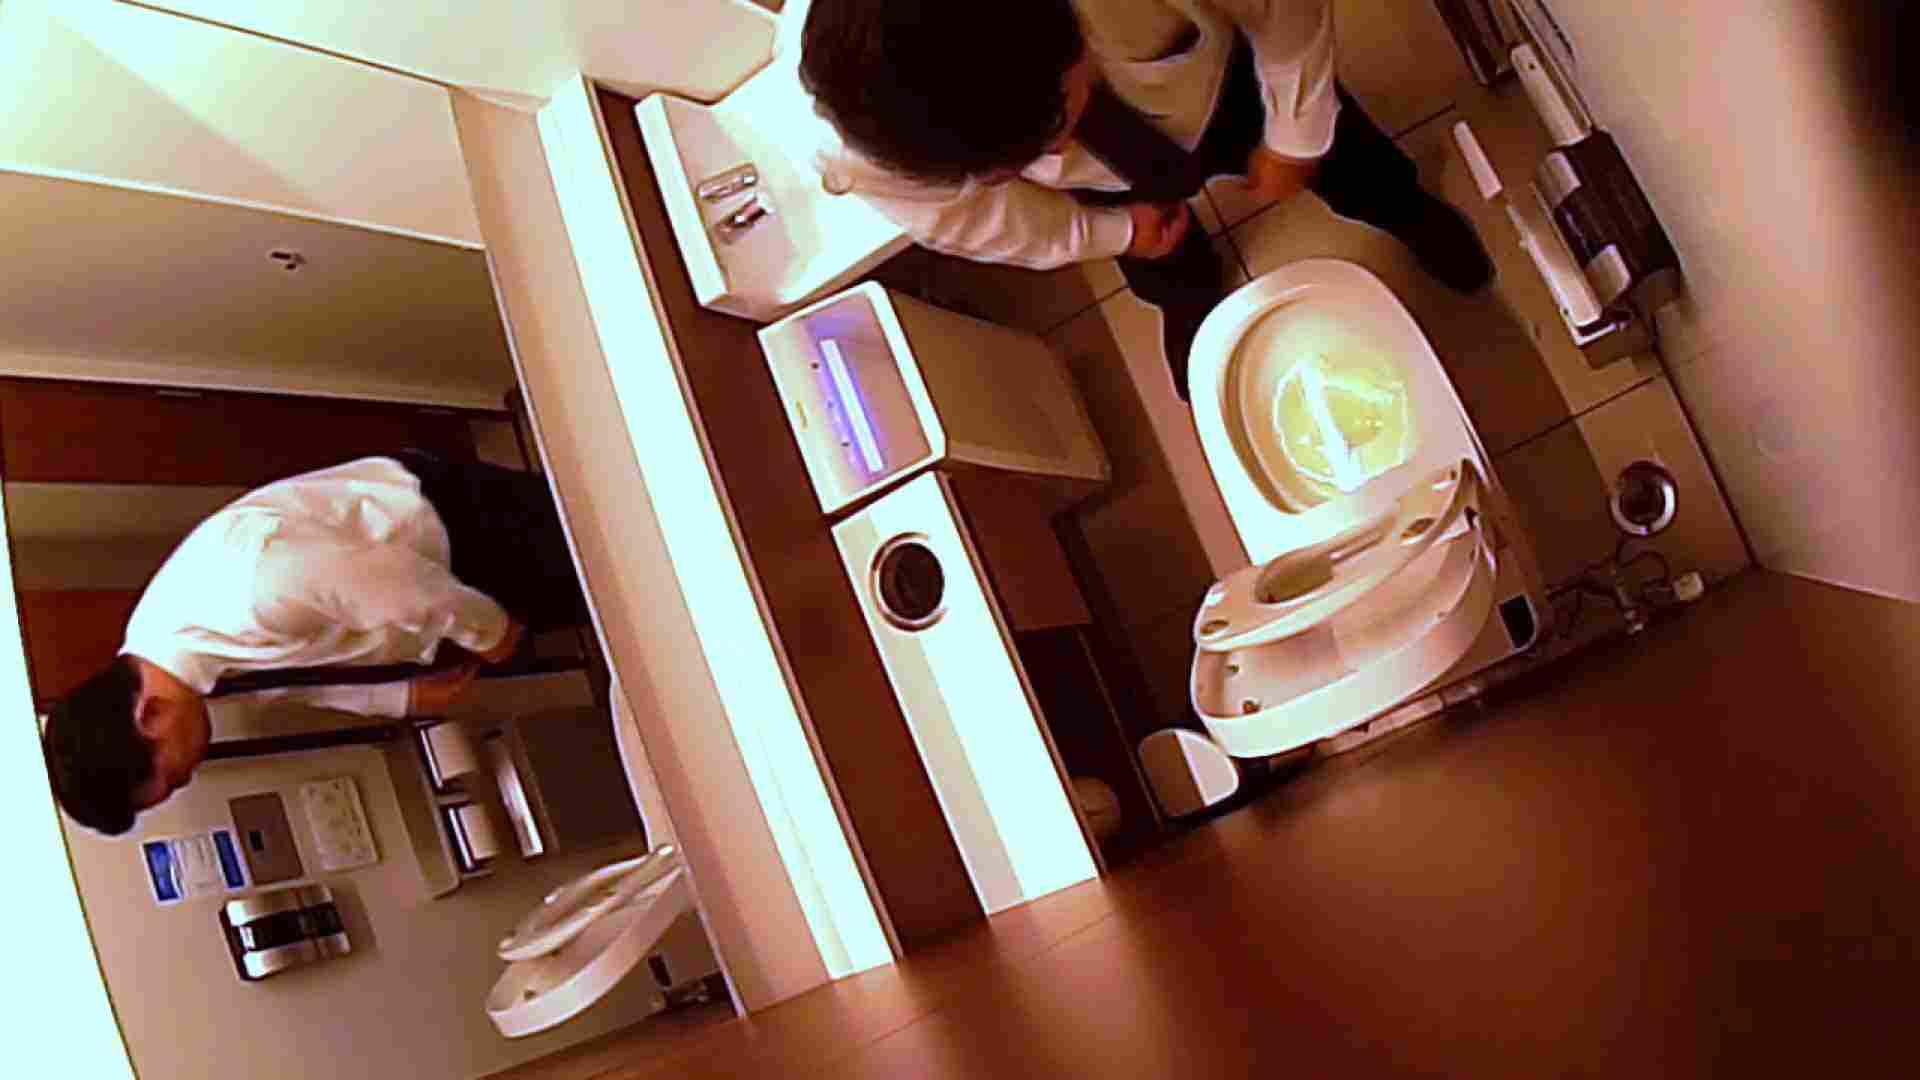 すみませんが覗かせてください Vol.31 トイレ | 0  94pic 75